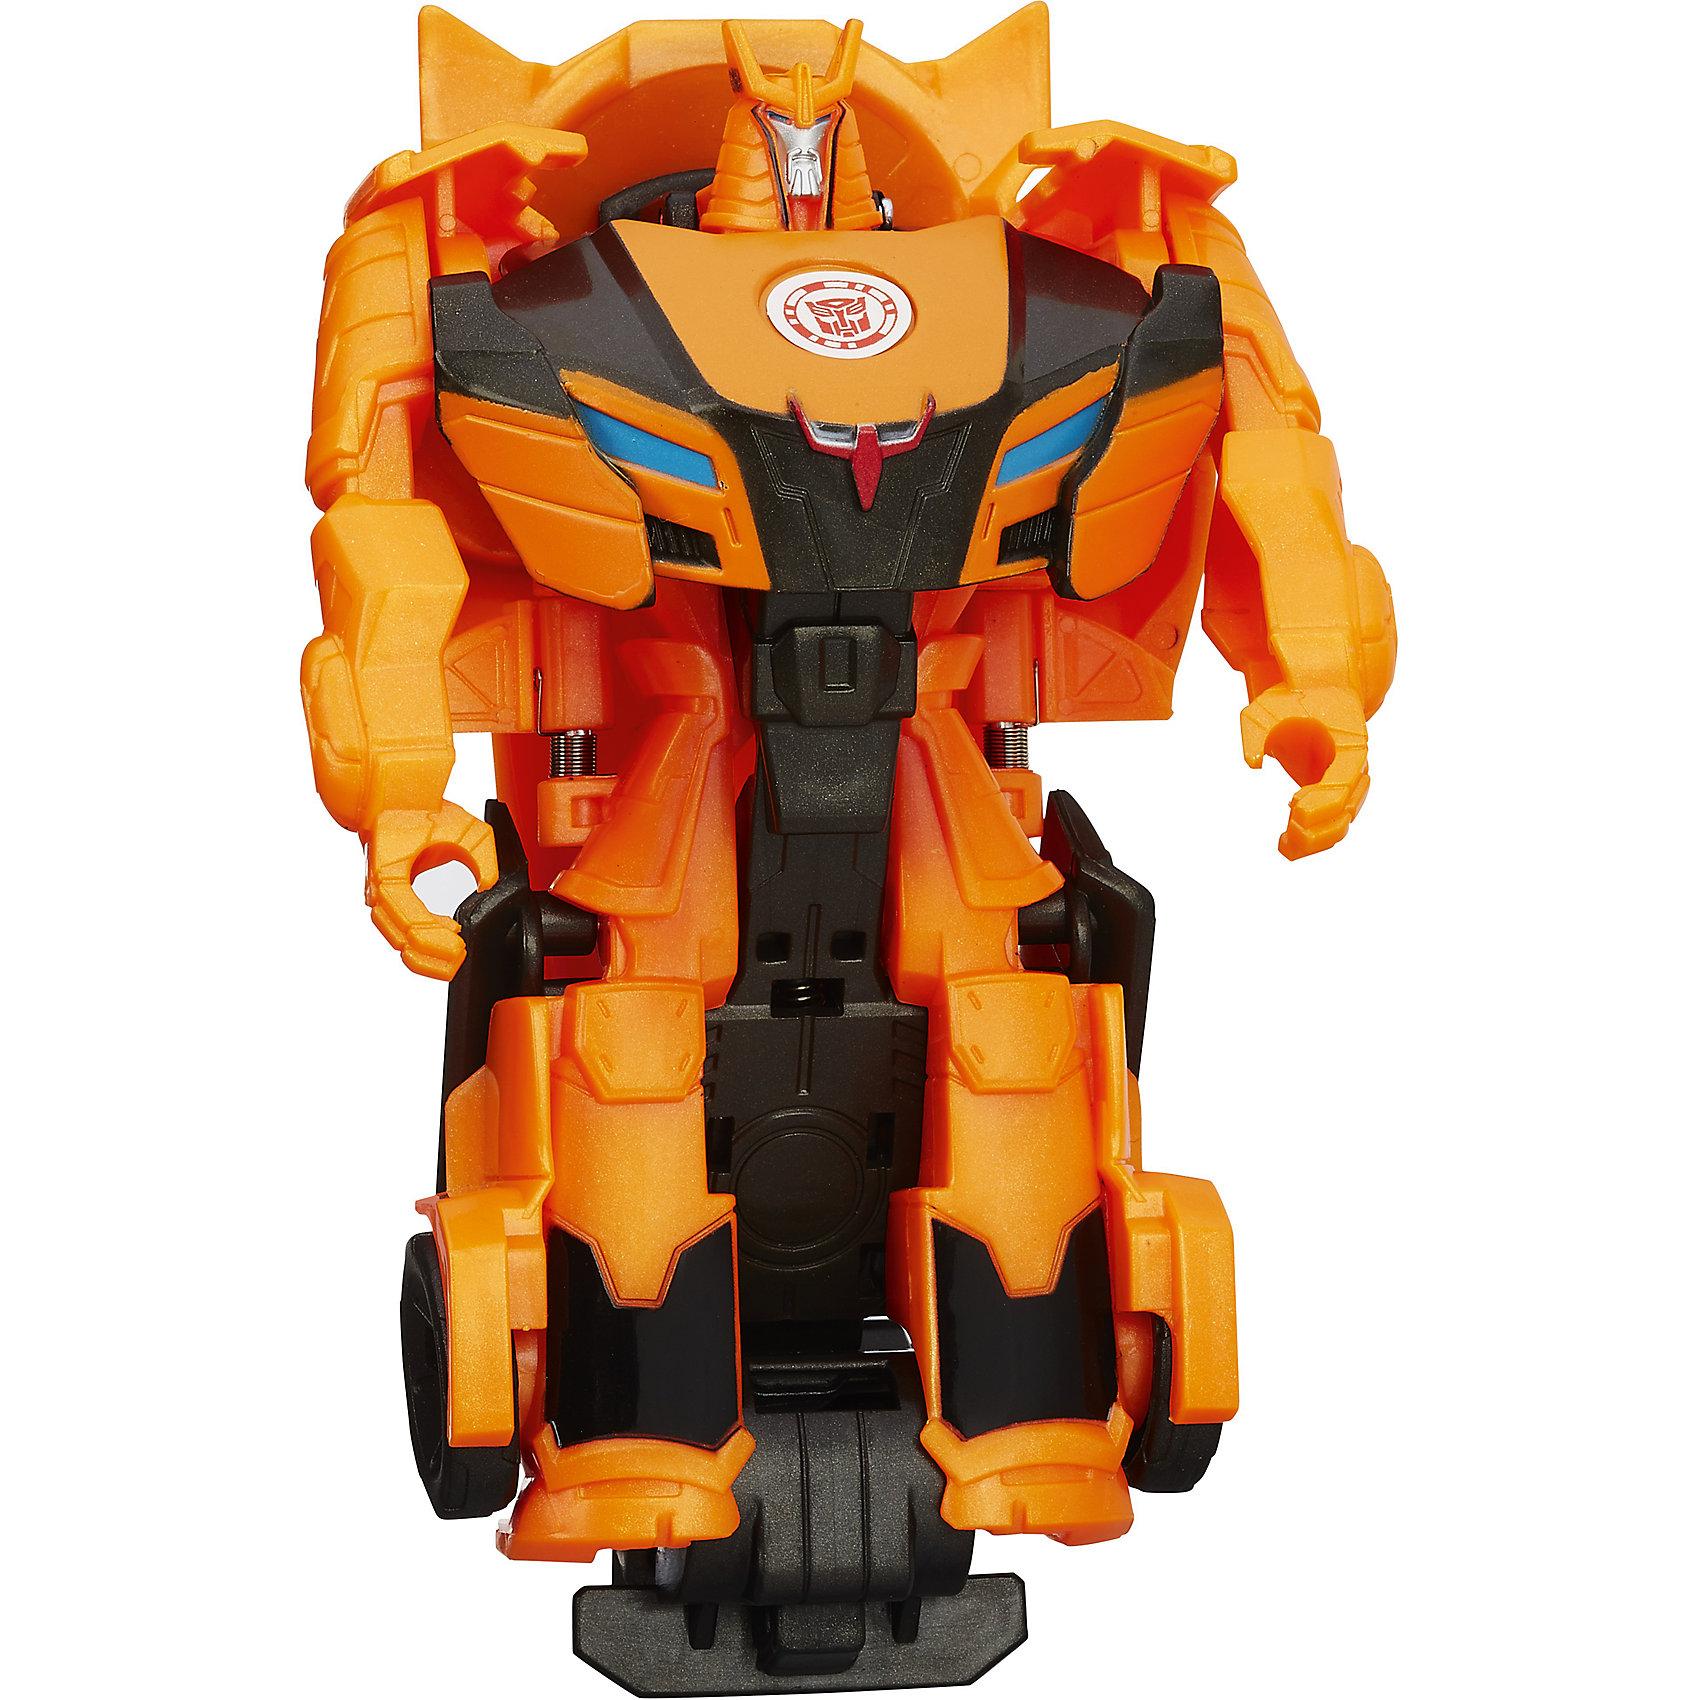 Hasbro Трансформеры Роботс-ин-Дисгайс Уан-Стэп, B0068/B1730 оружие игрушечное hasbro nerf бластер зомби слингфайр